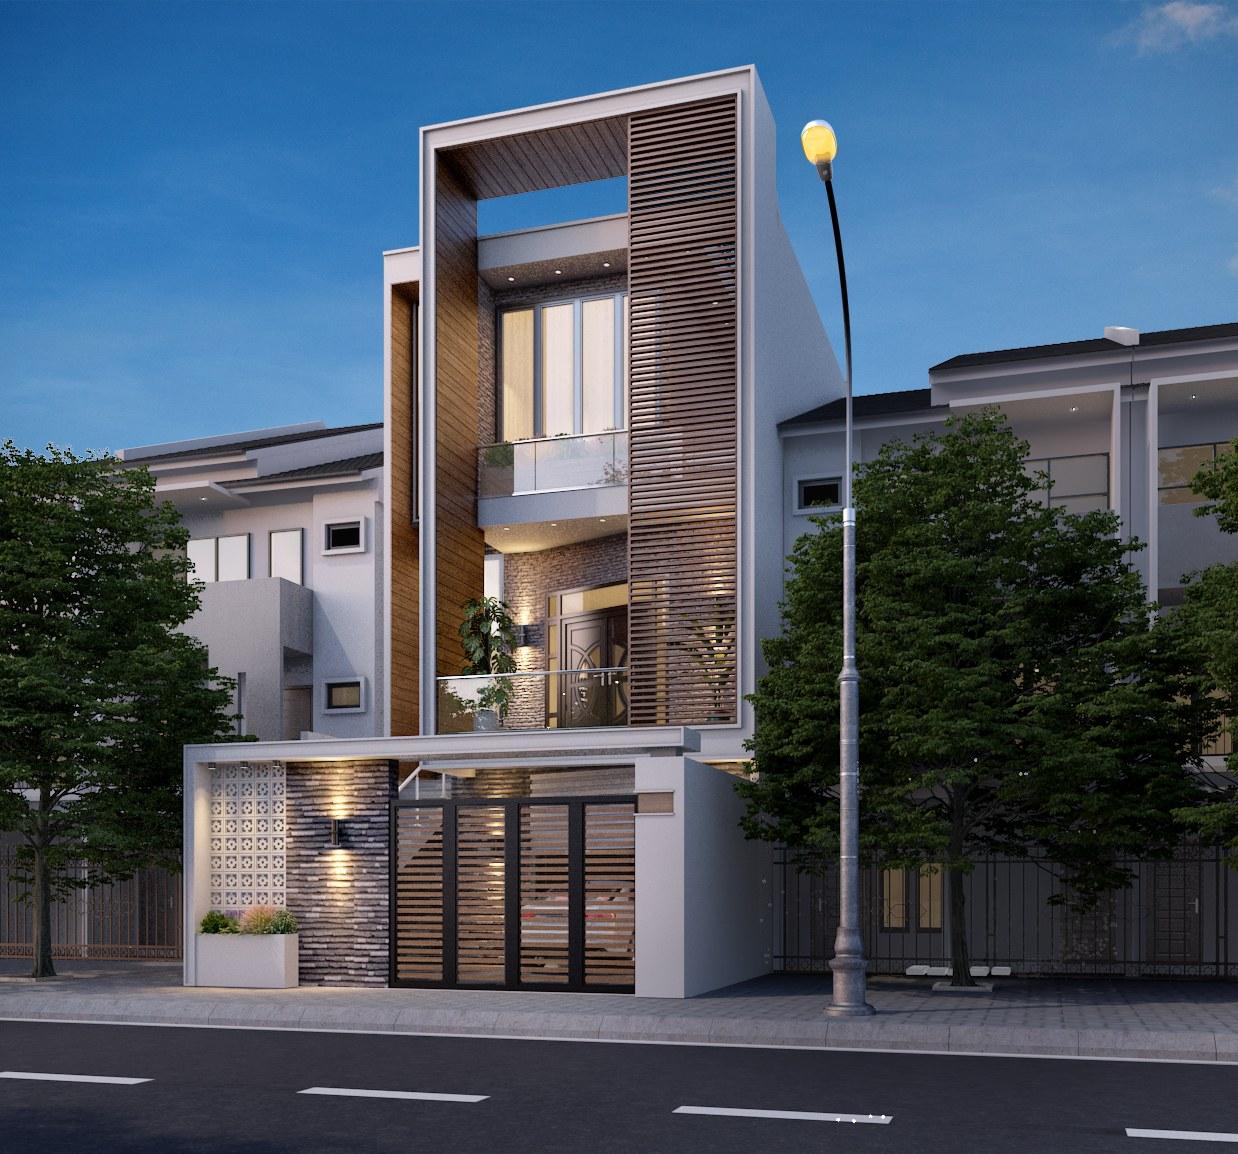 Cách thiết kế mặt tiền ngôi nhà này khá gần gũi với thiên nhiên, đồng thời phía trong của ngôi nhà được bố trí công năng đầy đủ